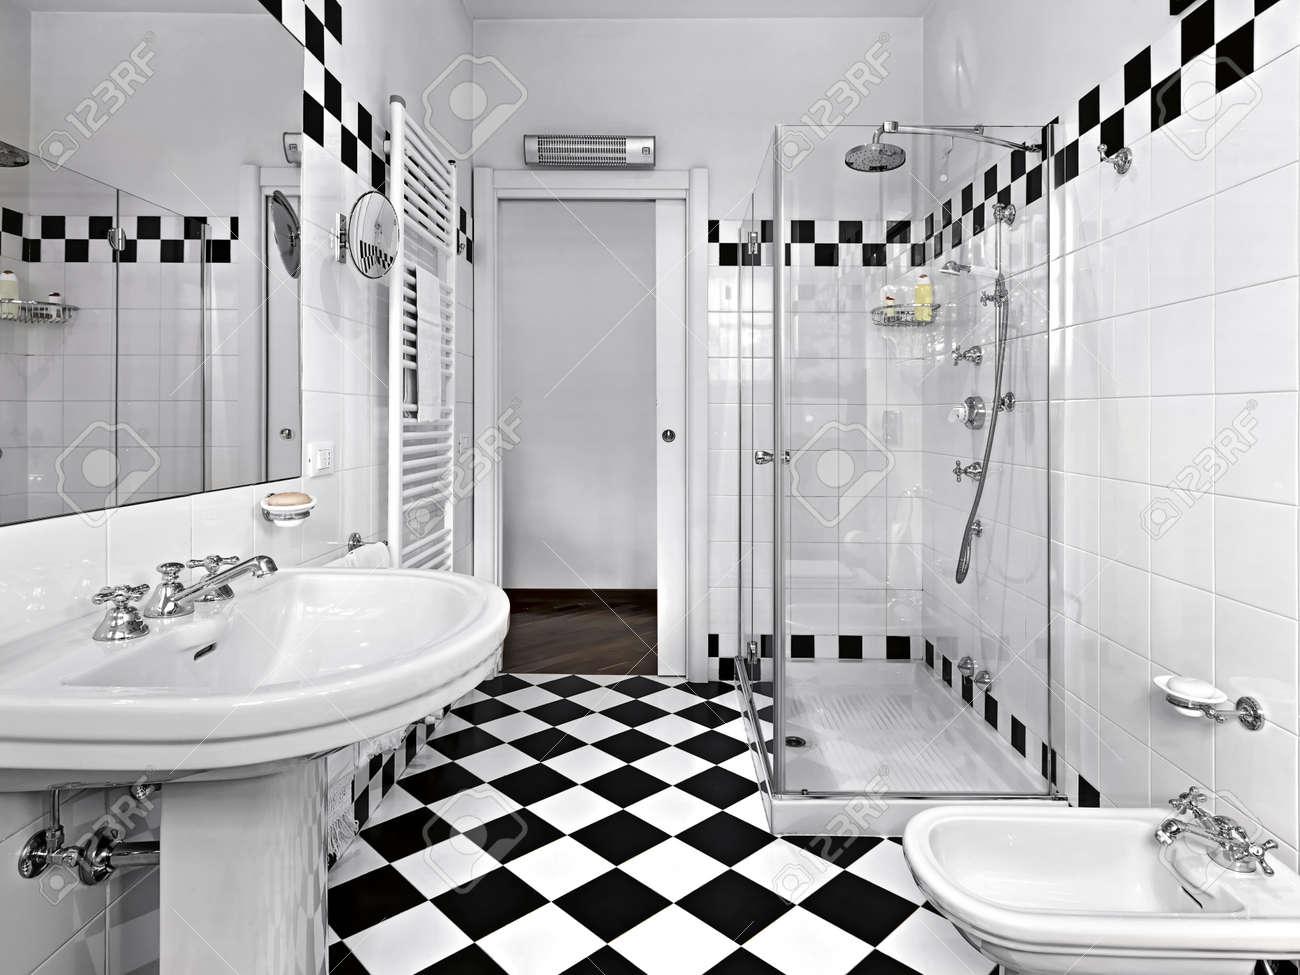 Moderno Cuarto De Baño En Blanco Y Negro Fotos, Retratos, Imágenes Y ...